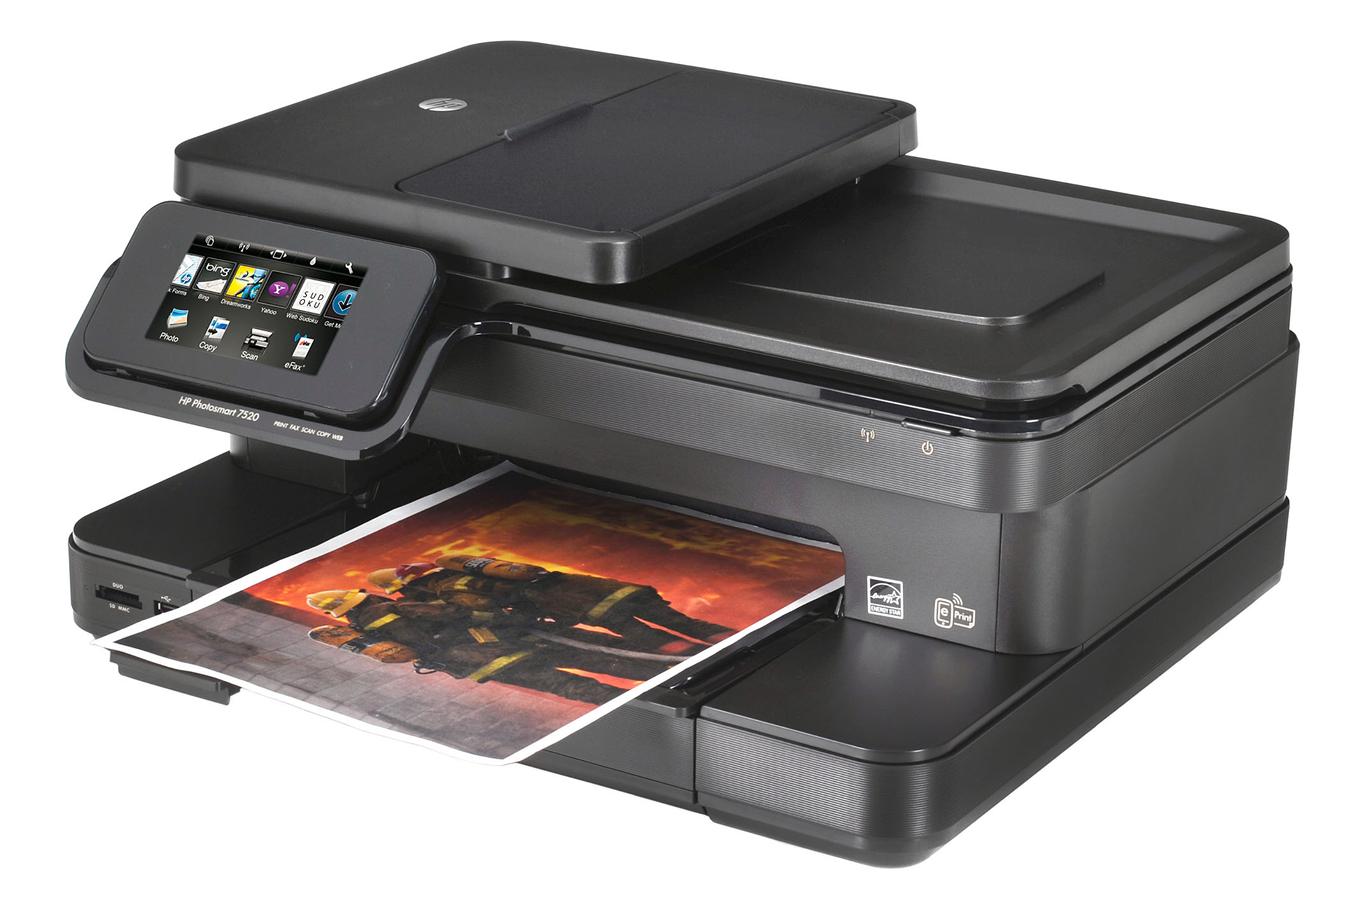 imprimante jet d 39 encre hp photosmart 7520 e all in one. Black Bedroom Furniture Sets. Home Design Ideas